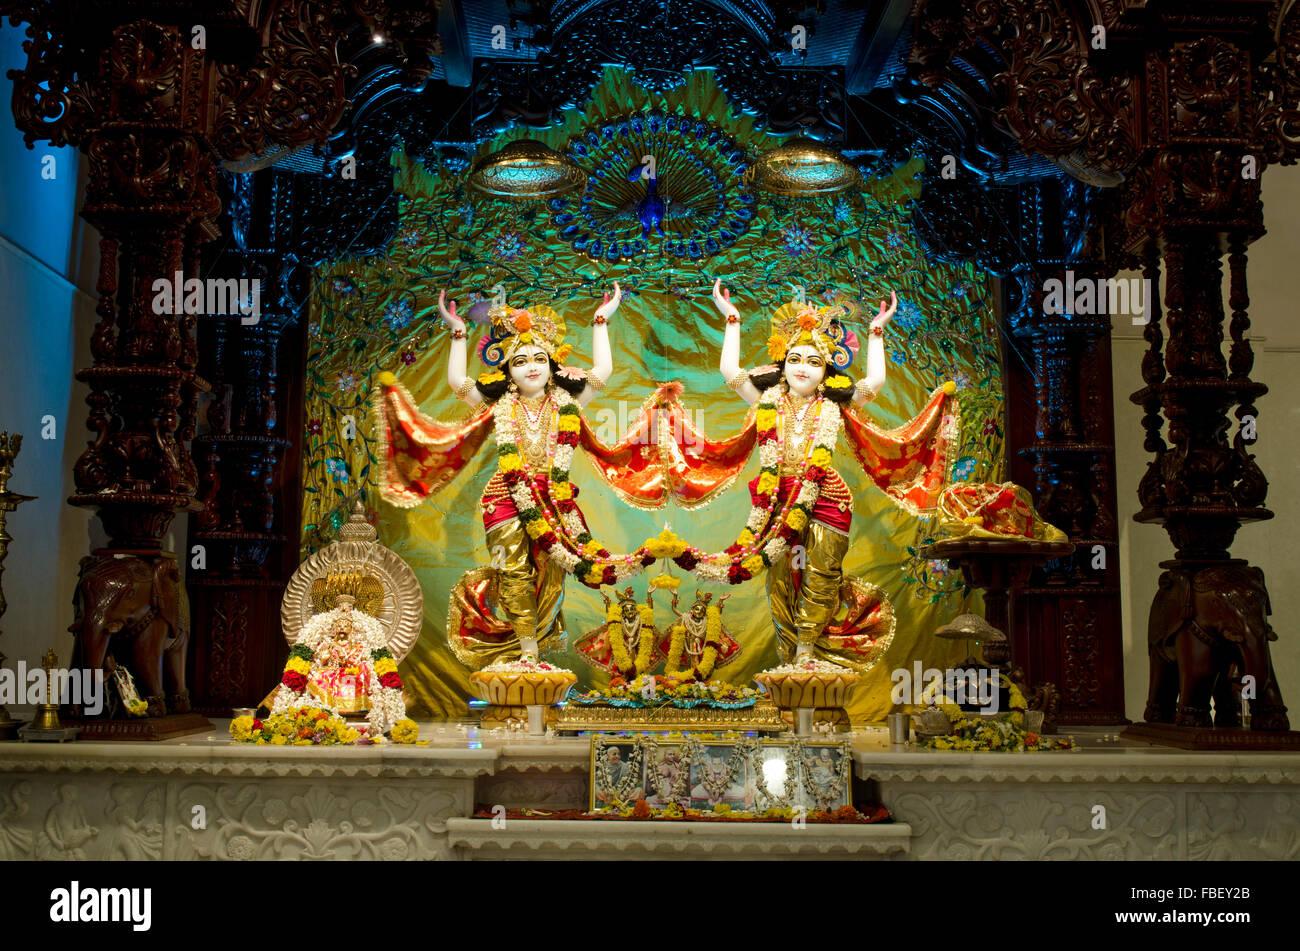 Radha Krishna Statue Stock Photos & Radha Krishna Statue